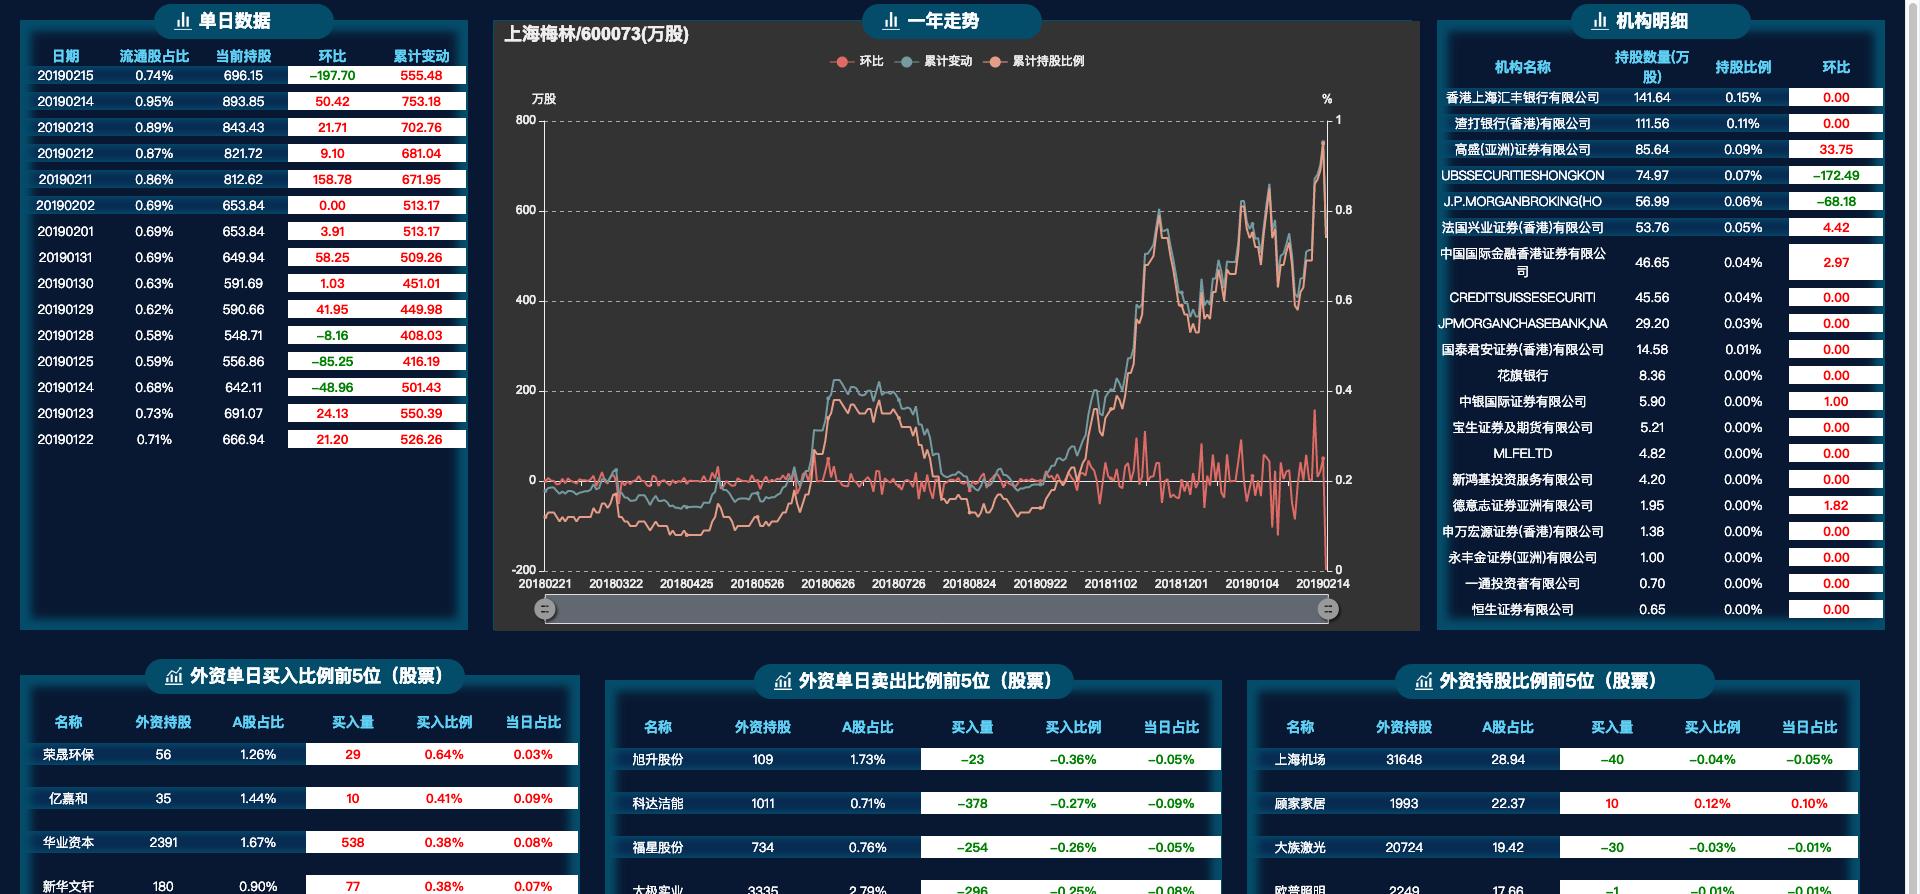 上海梅林股吧_2019-02-15外资卖出股票比例第8名:上海梅林